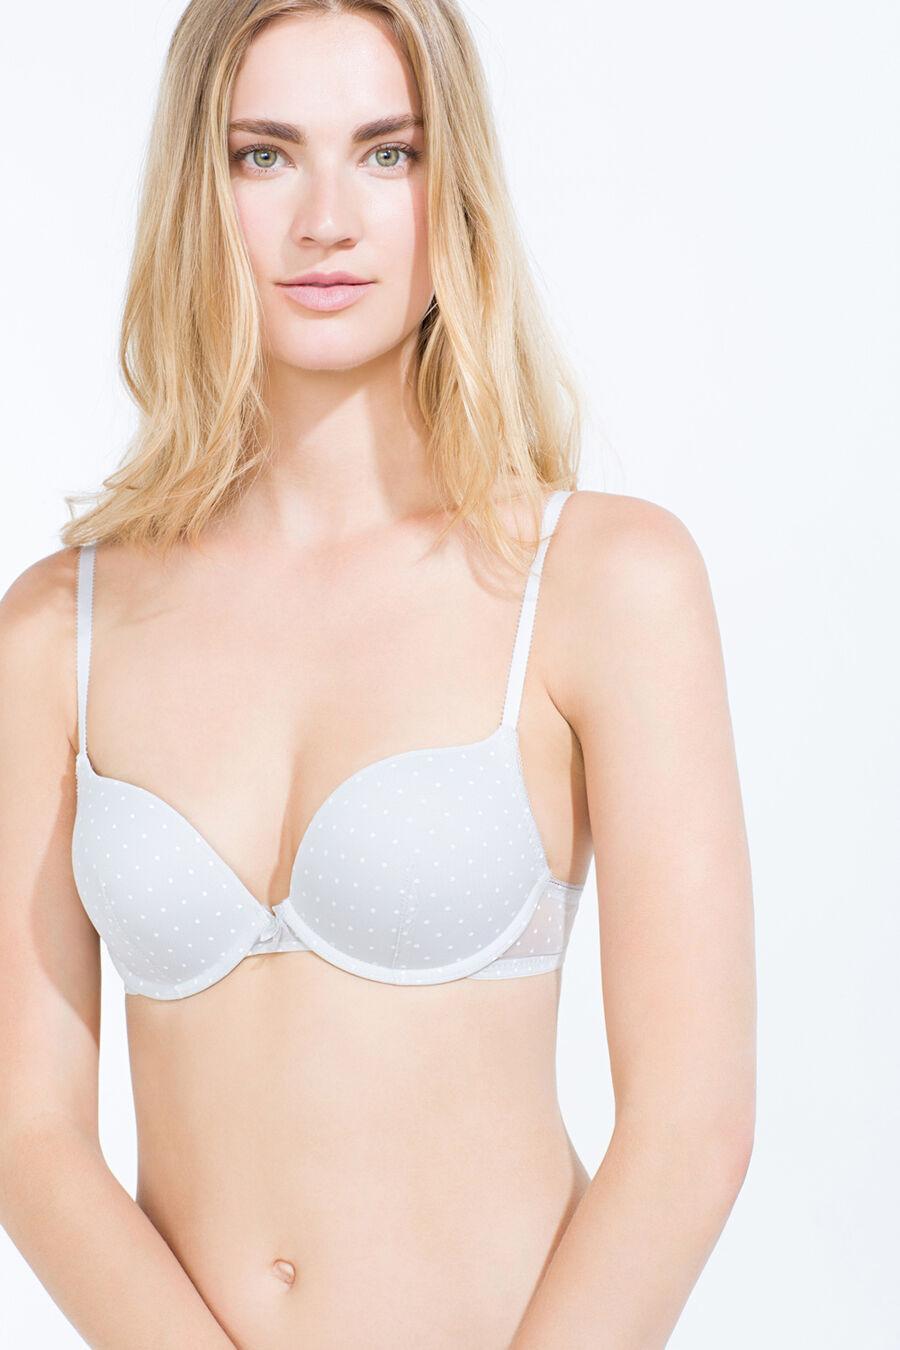 Mesh maxi push up bra